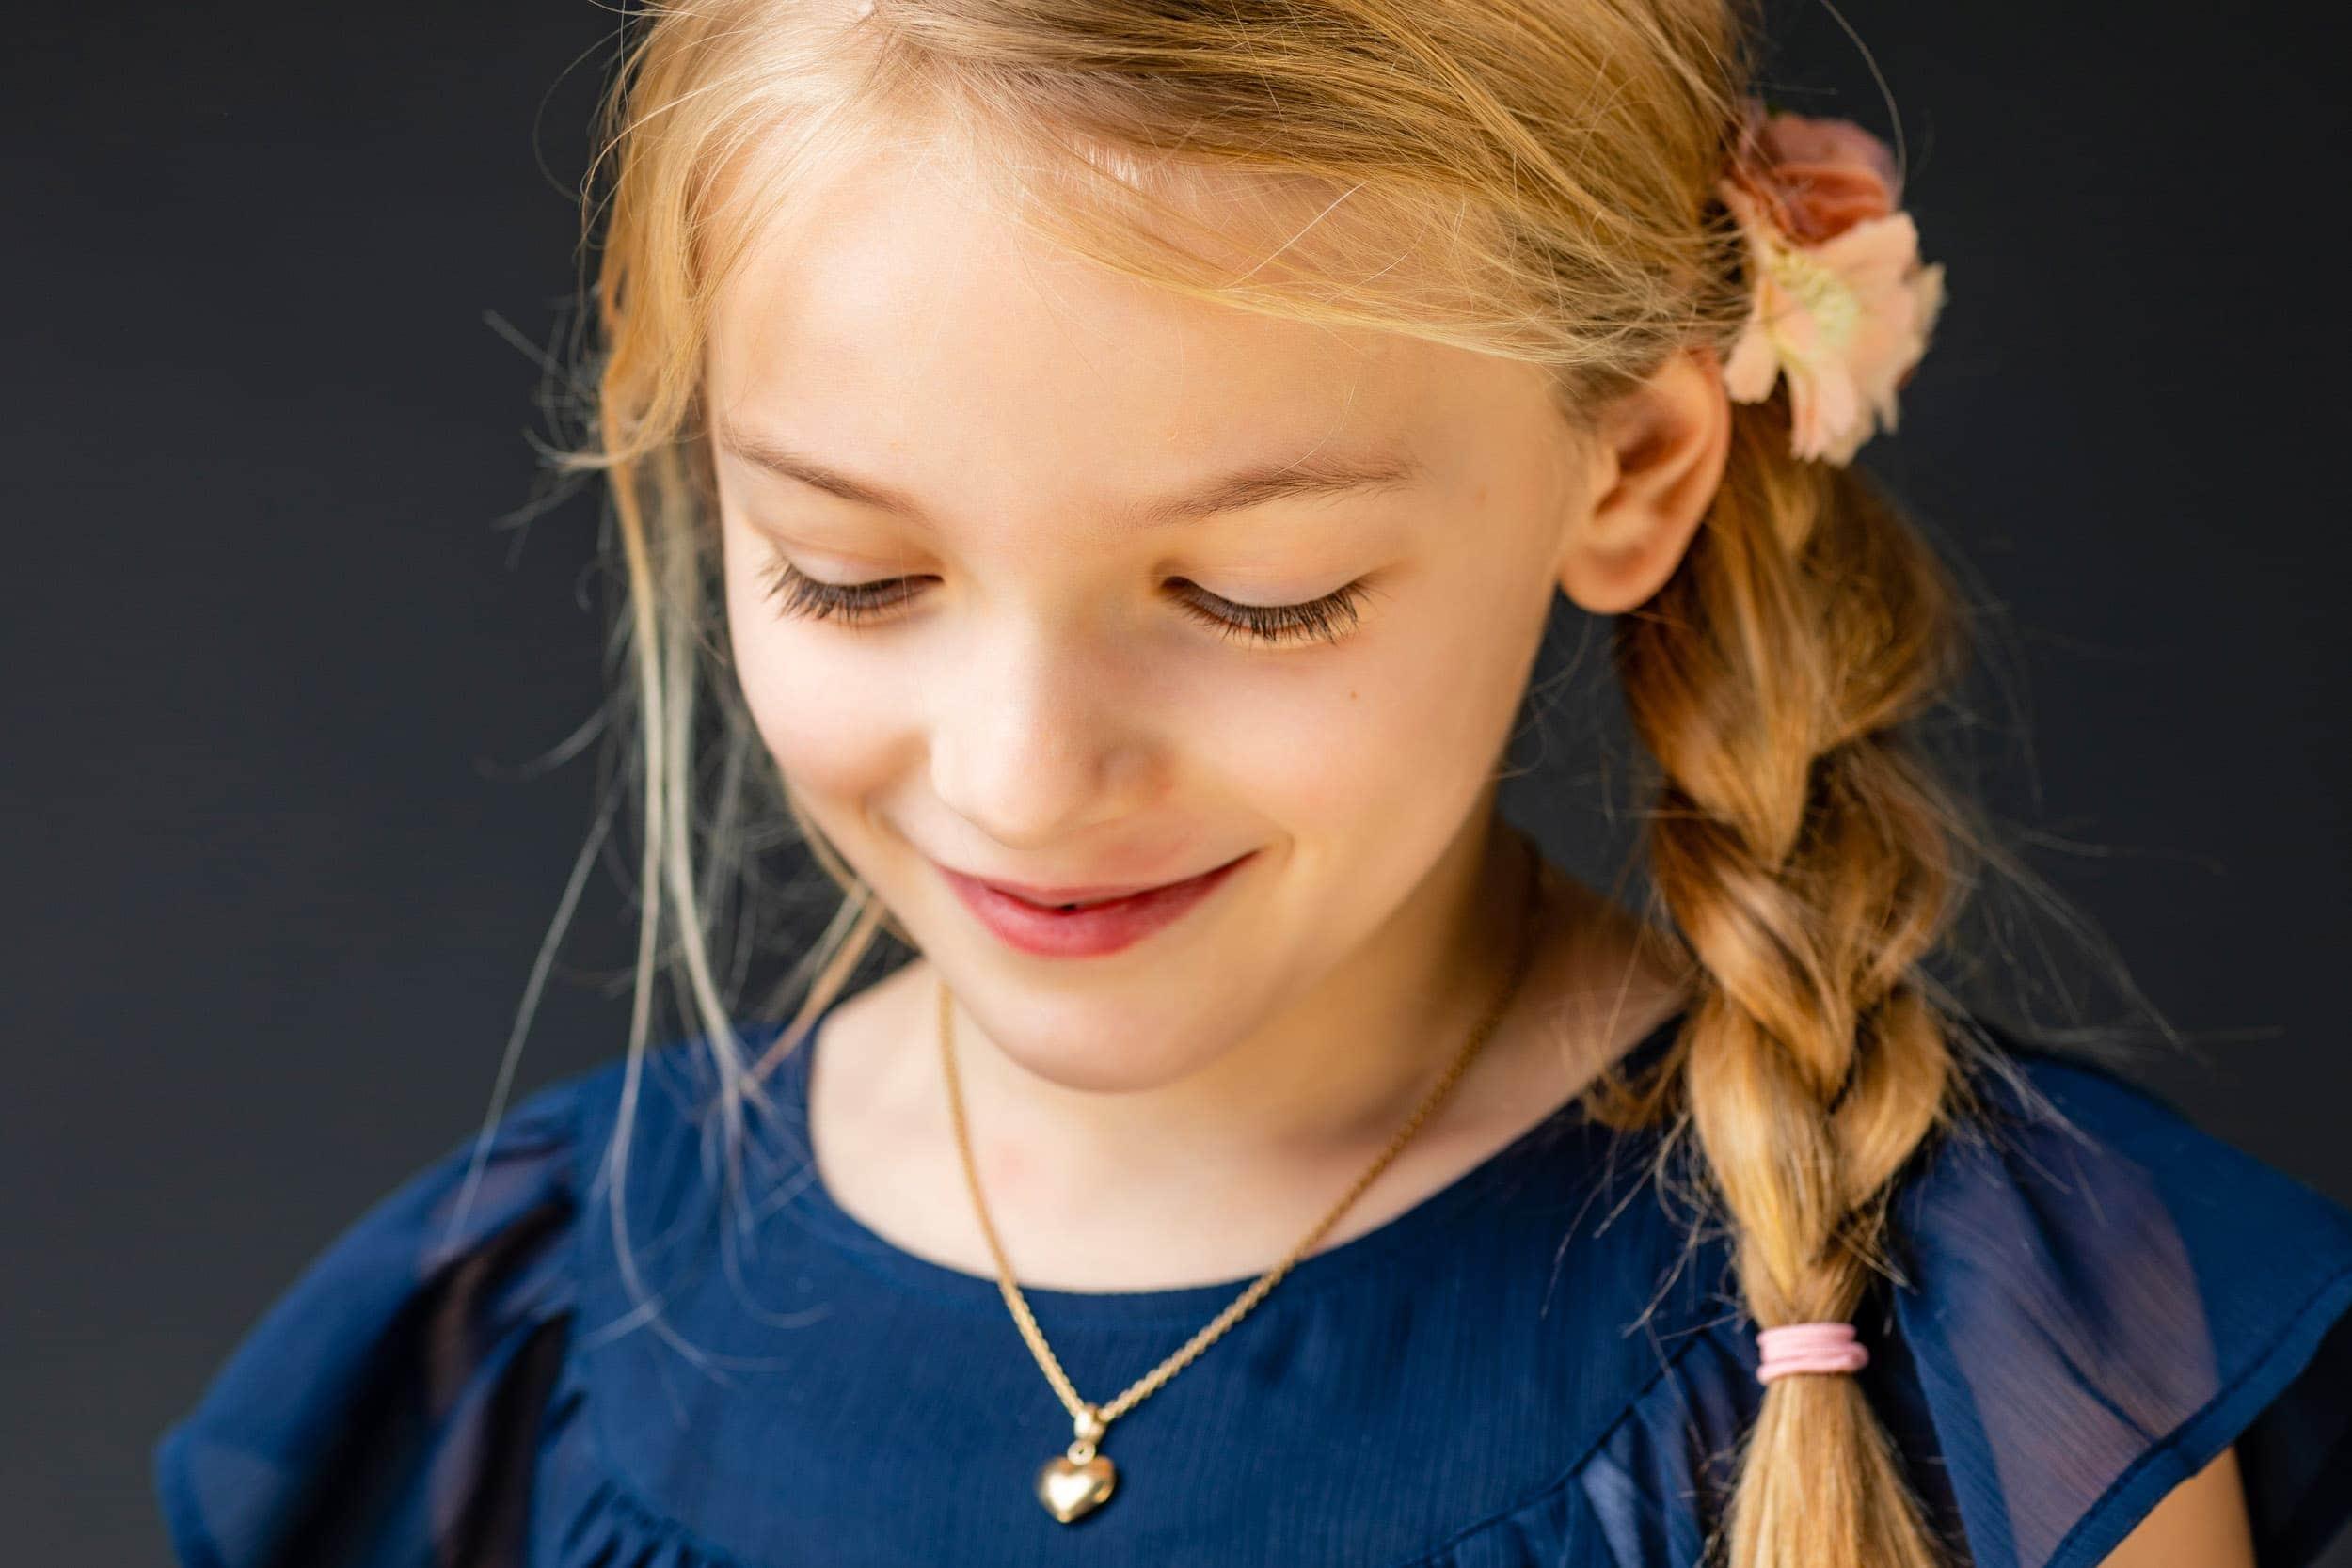 Professionel Fotograf - Portræt barn -del 1